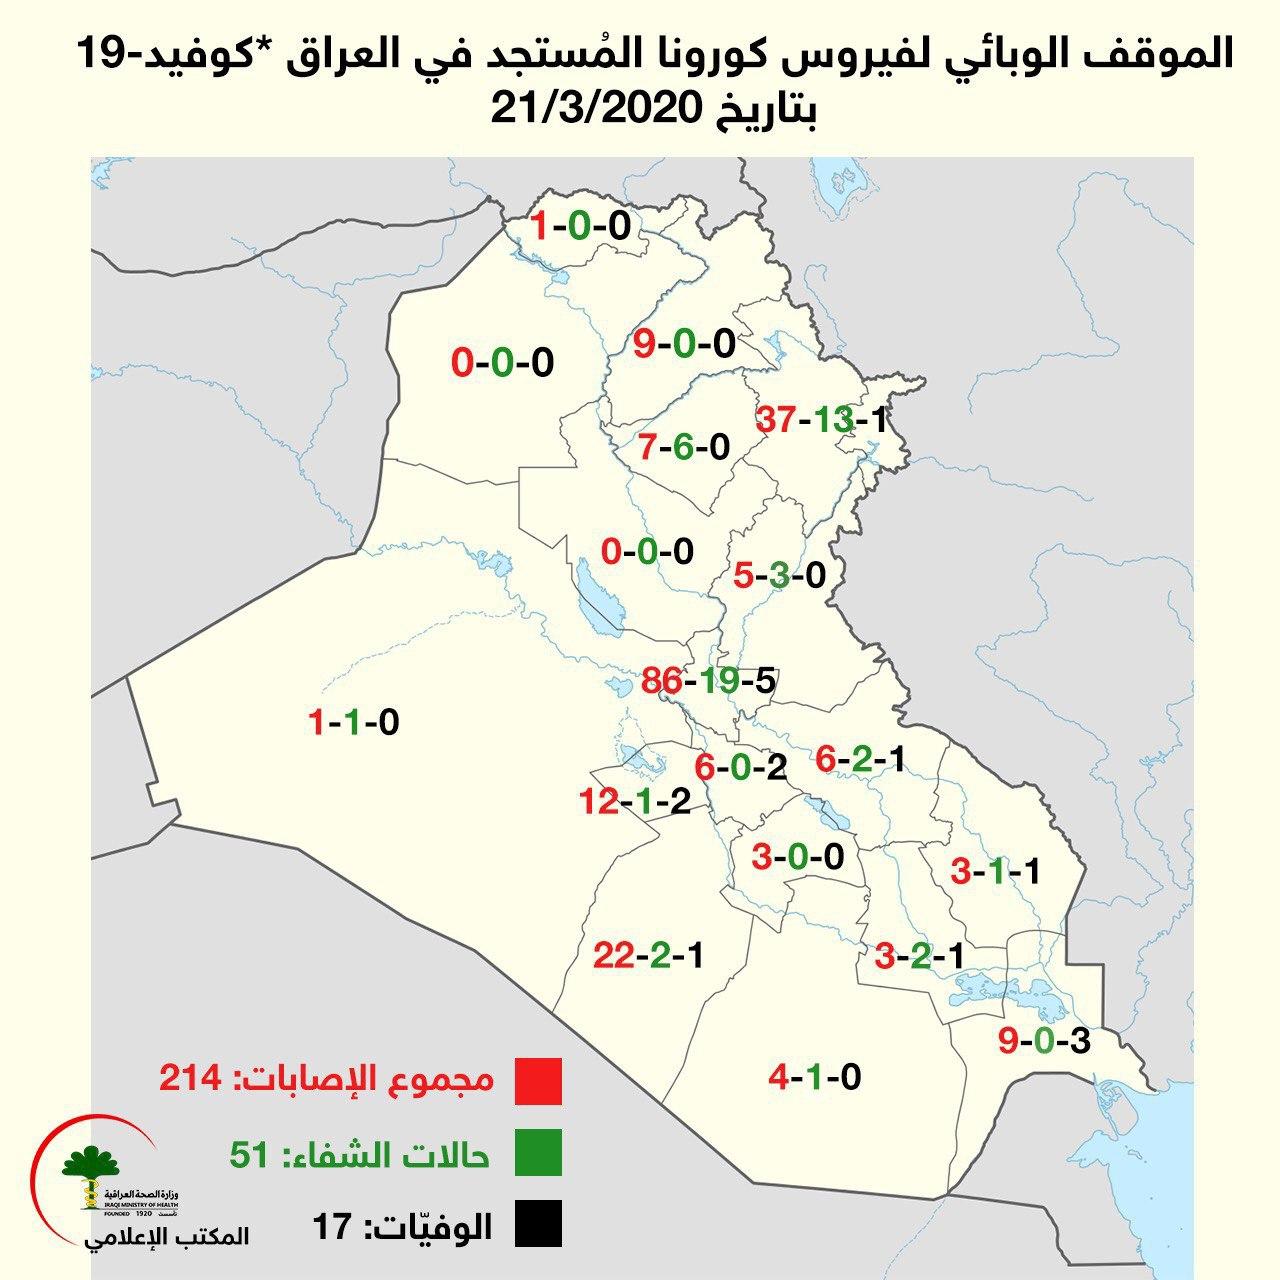 الموقف الوبائي في العراق